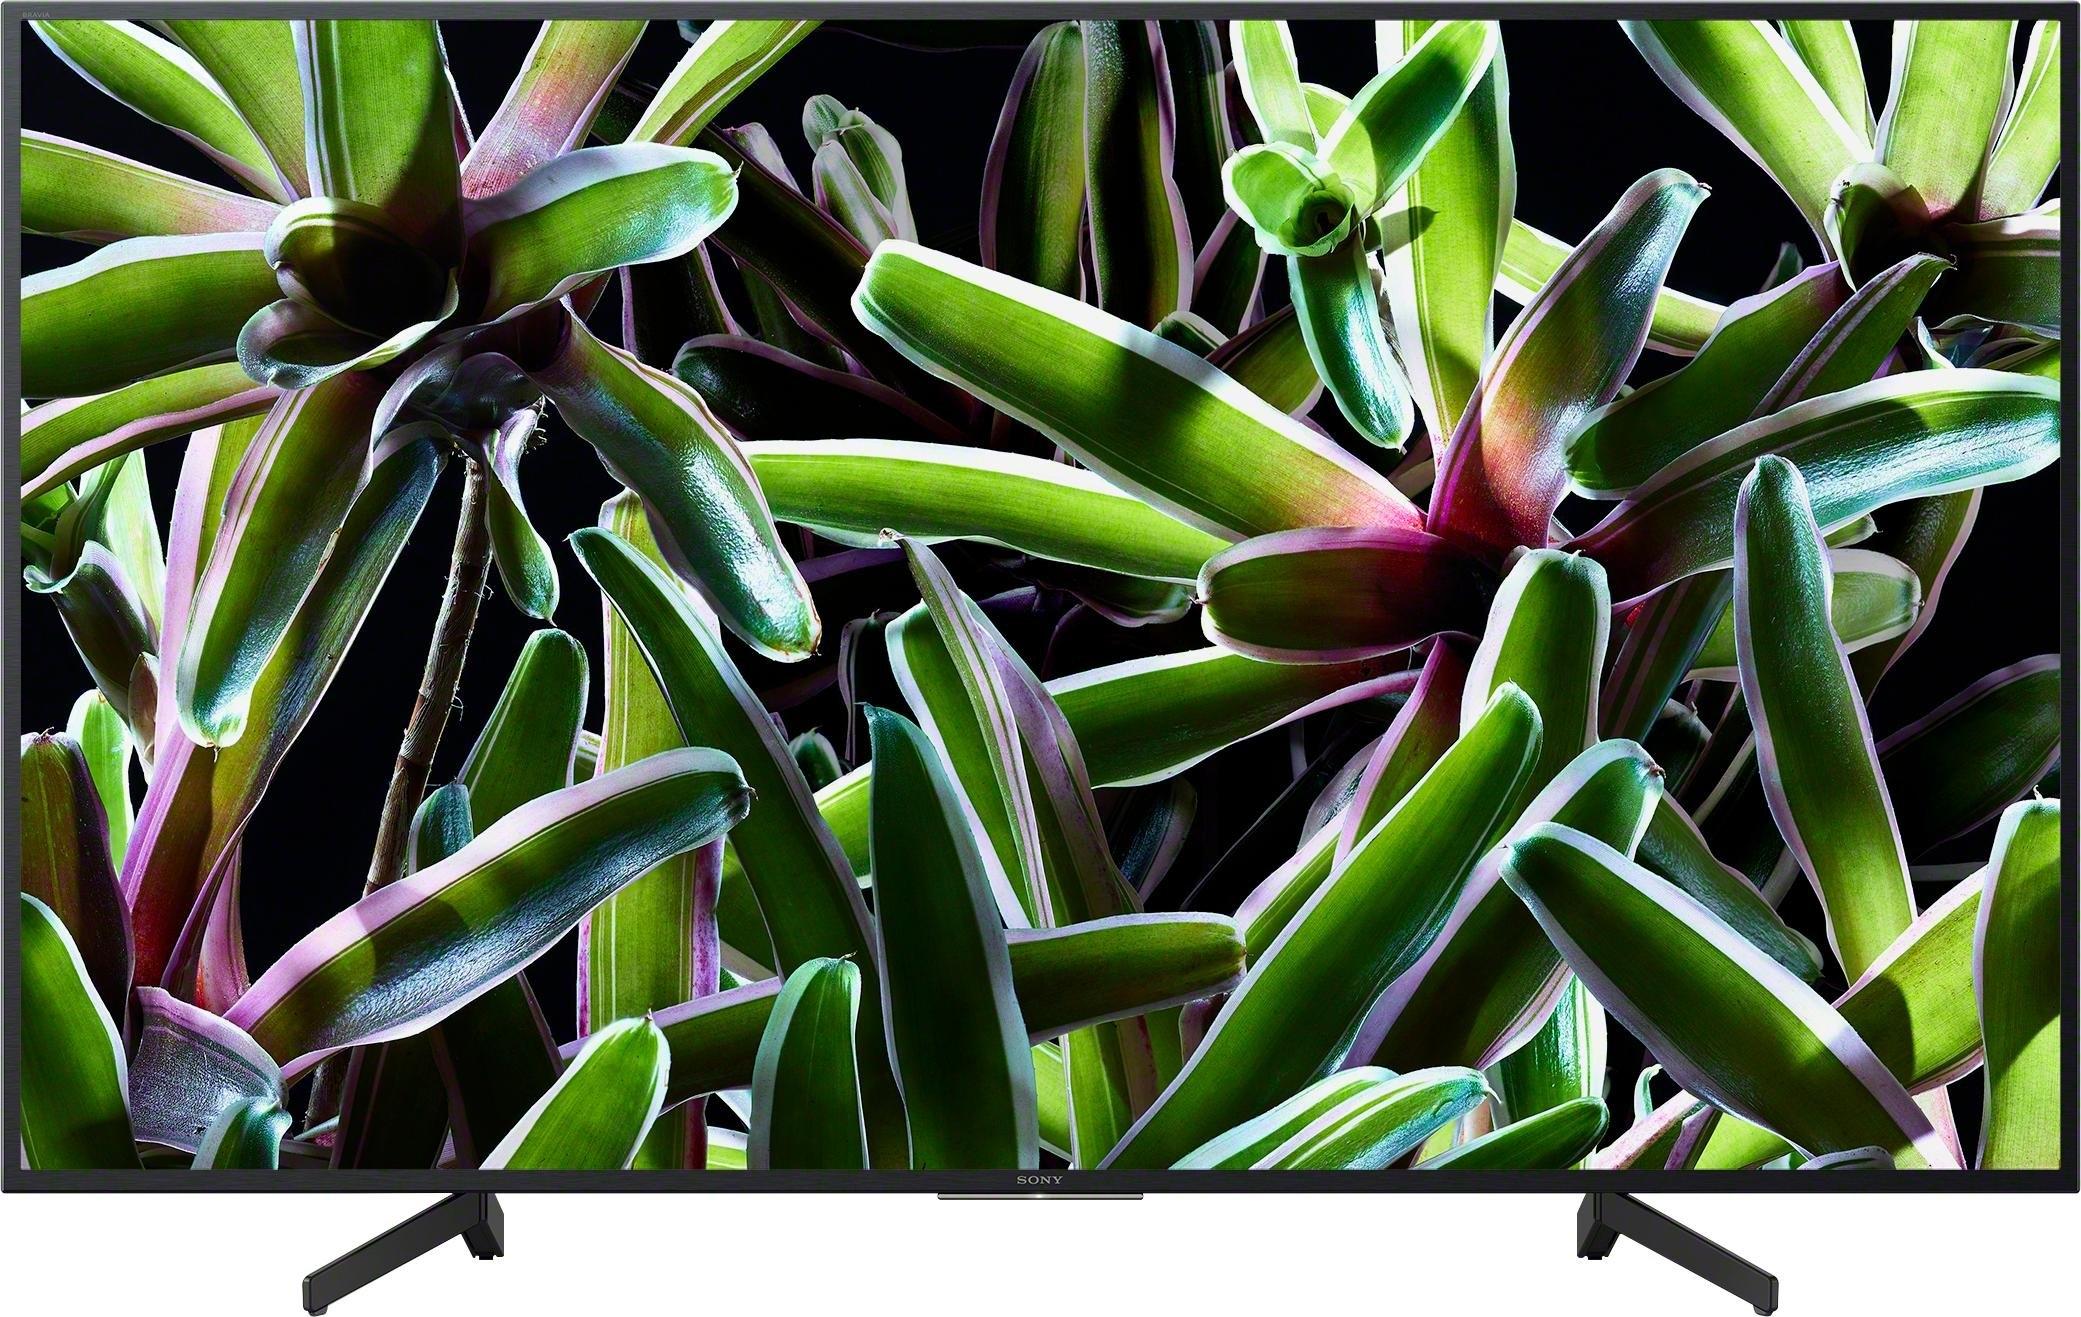 SONY KD65XG7005BAEP led-tv (164 cm / 65 inch), 4K Ultra HD, Smart-TV nu online kopen bij OTTO